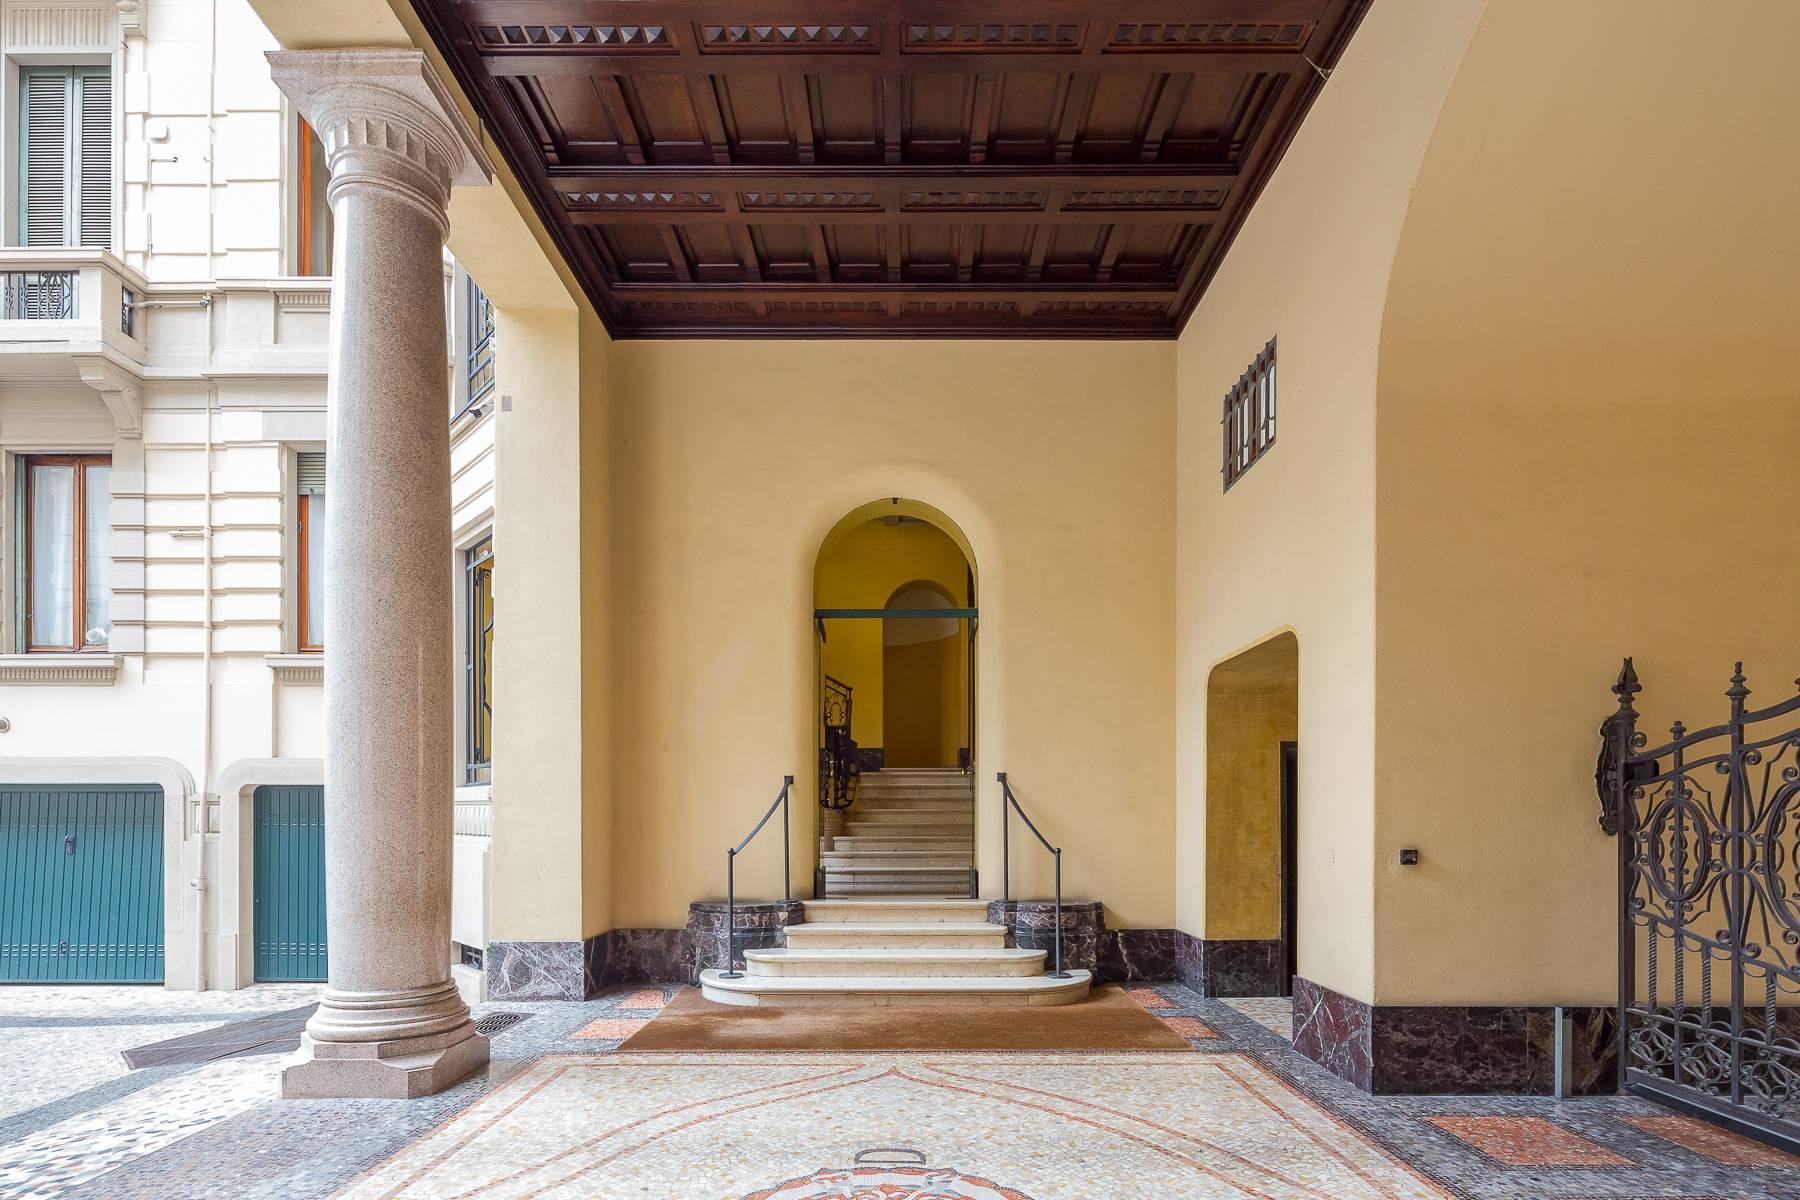 Renovierte Wohnung im eleganten antiken Gebäude - 19